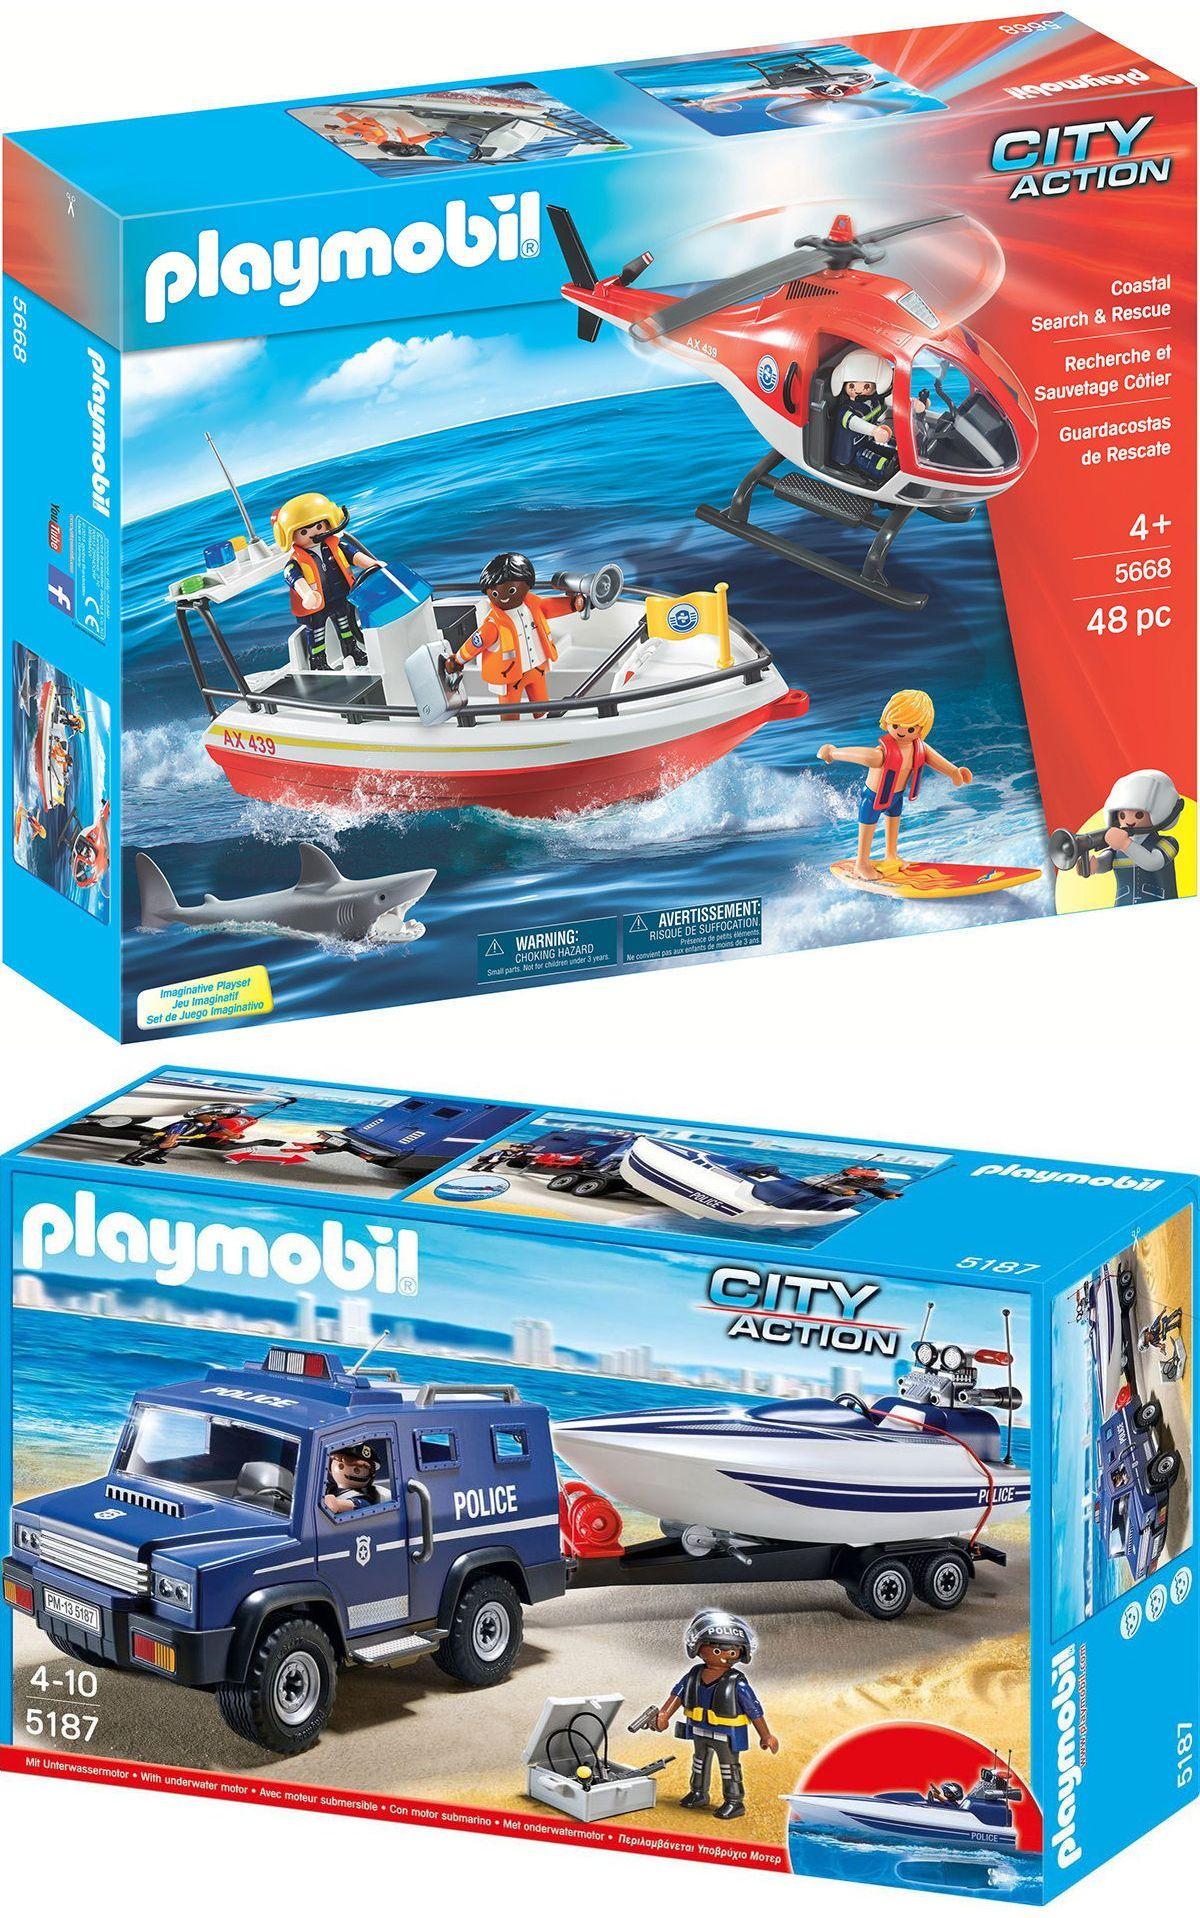 Playmobil™ - Polizei-Truck mit Speedboot inkl. Motor (5187) & Küstenwache (5668) ab €42,52 [@Karstadt.de]